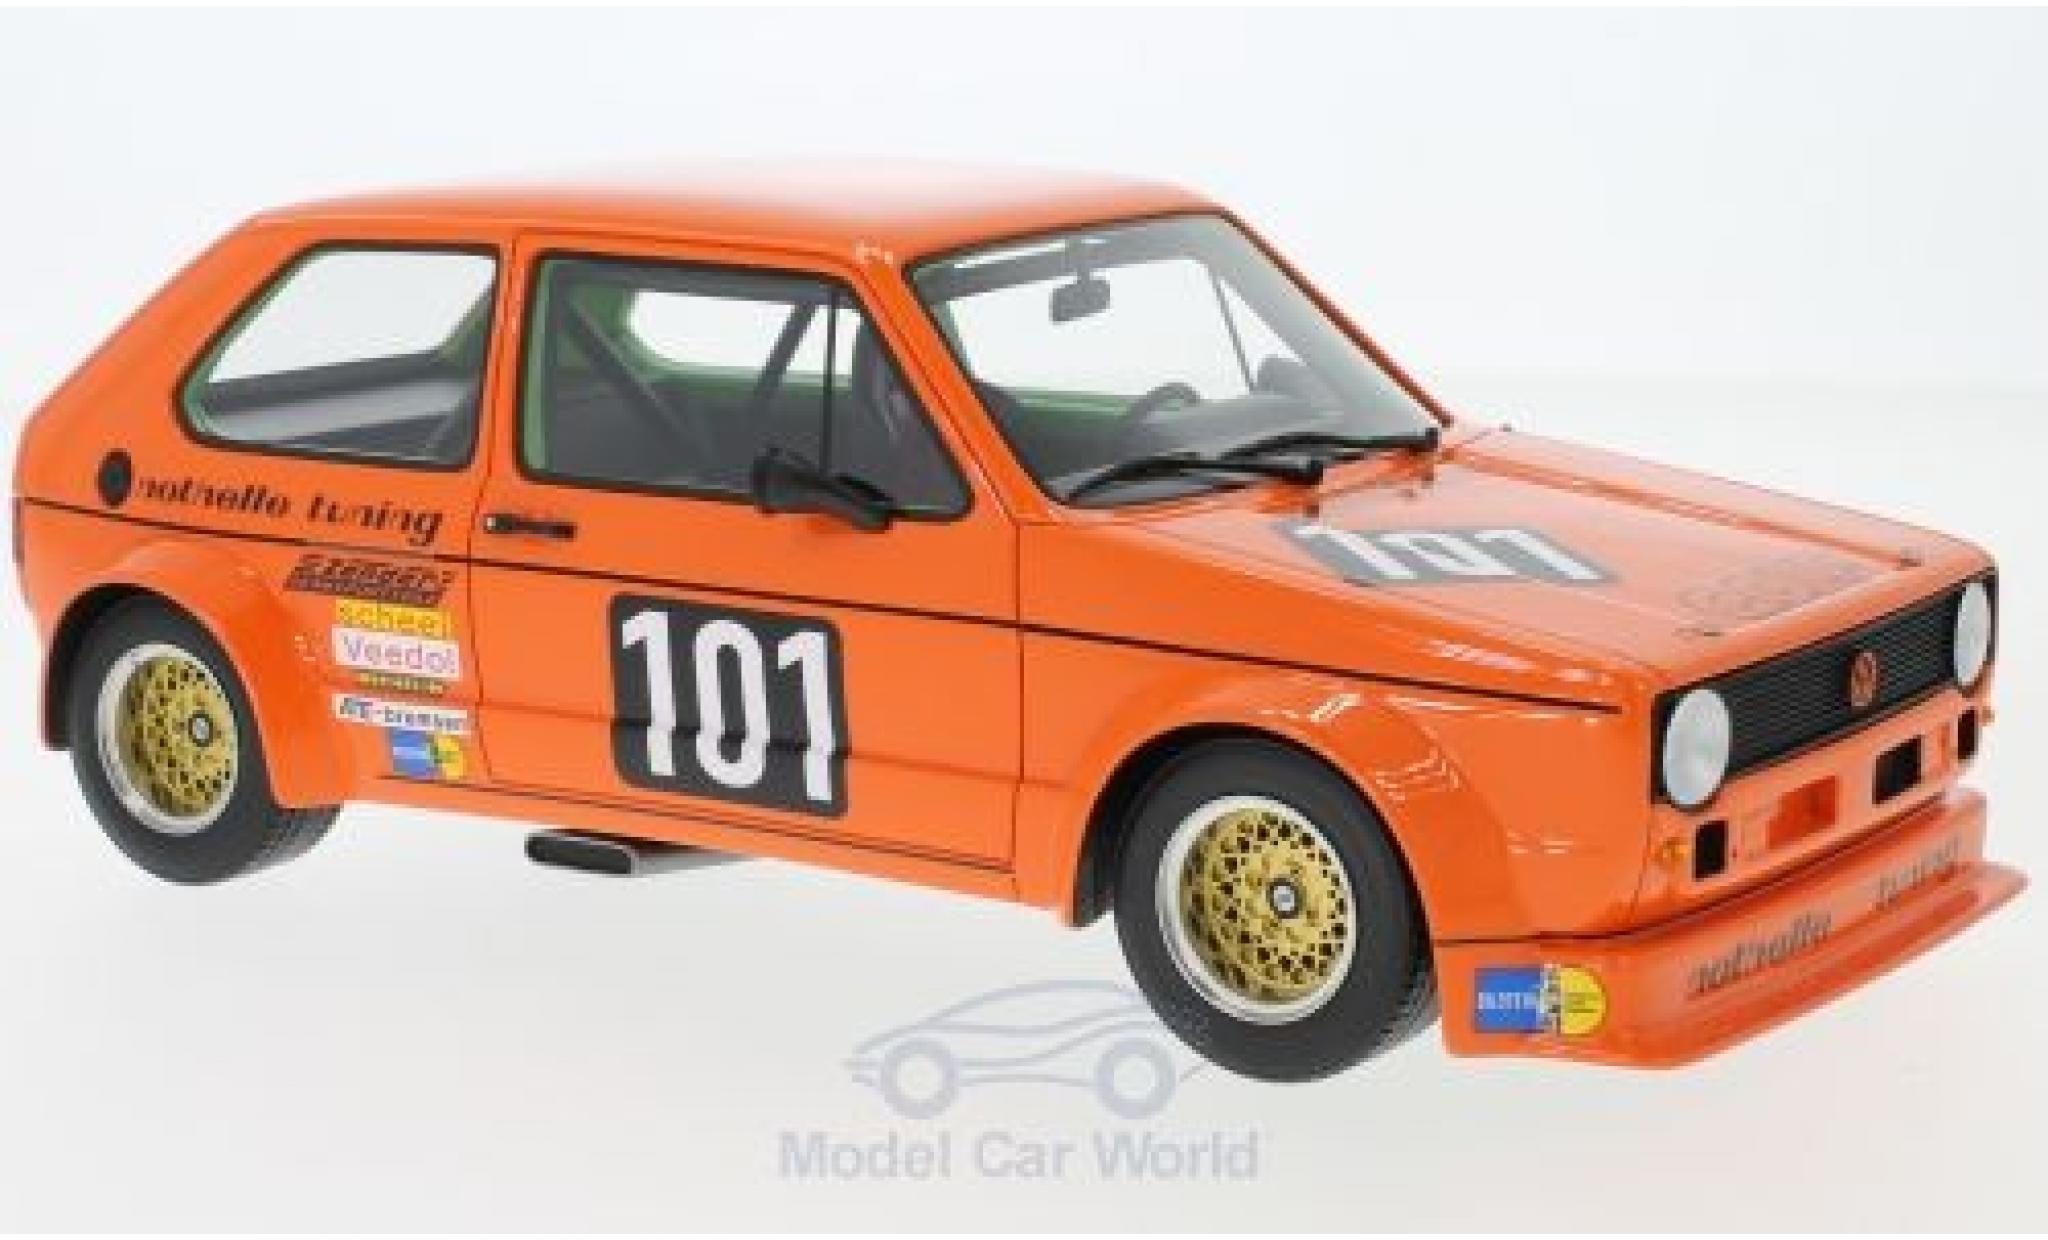 Volkswagen Golf V 1/18 BoS Models I Gr.2 orange No.101 Note 1975